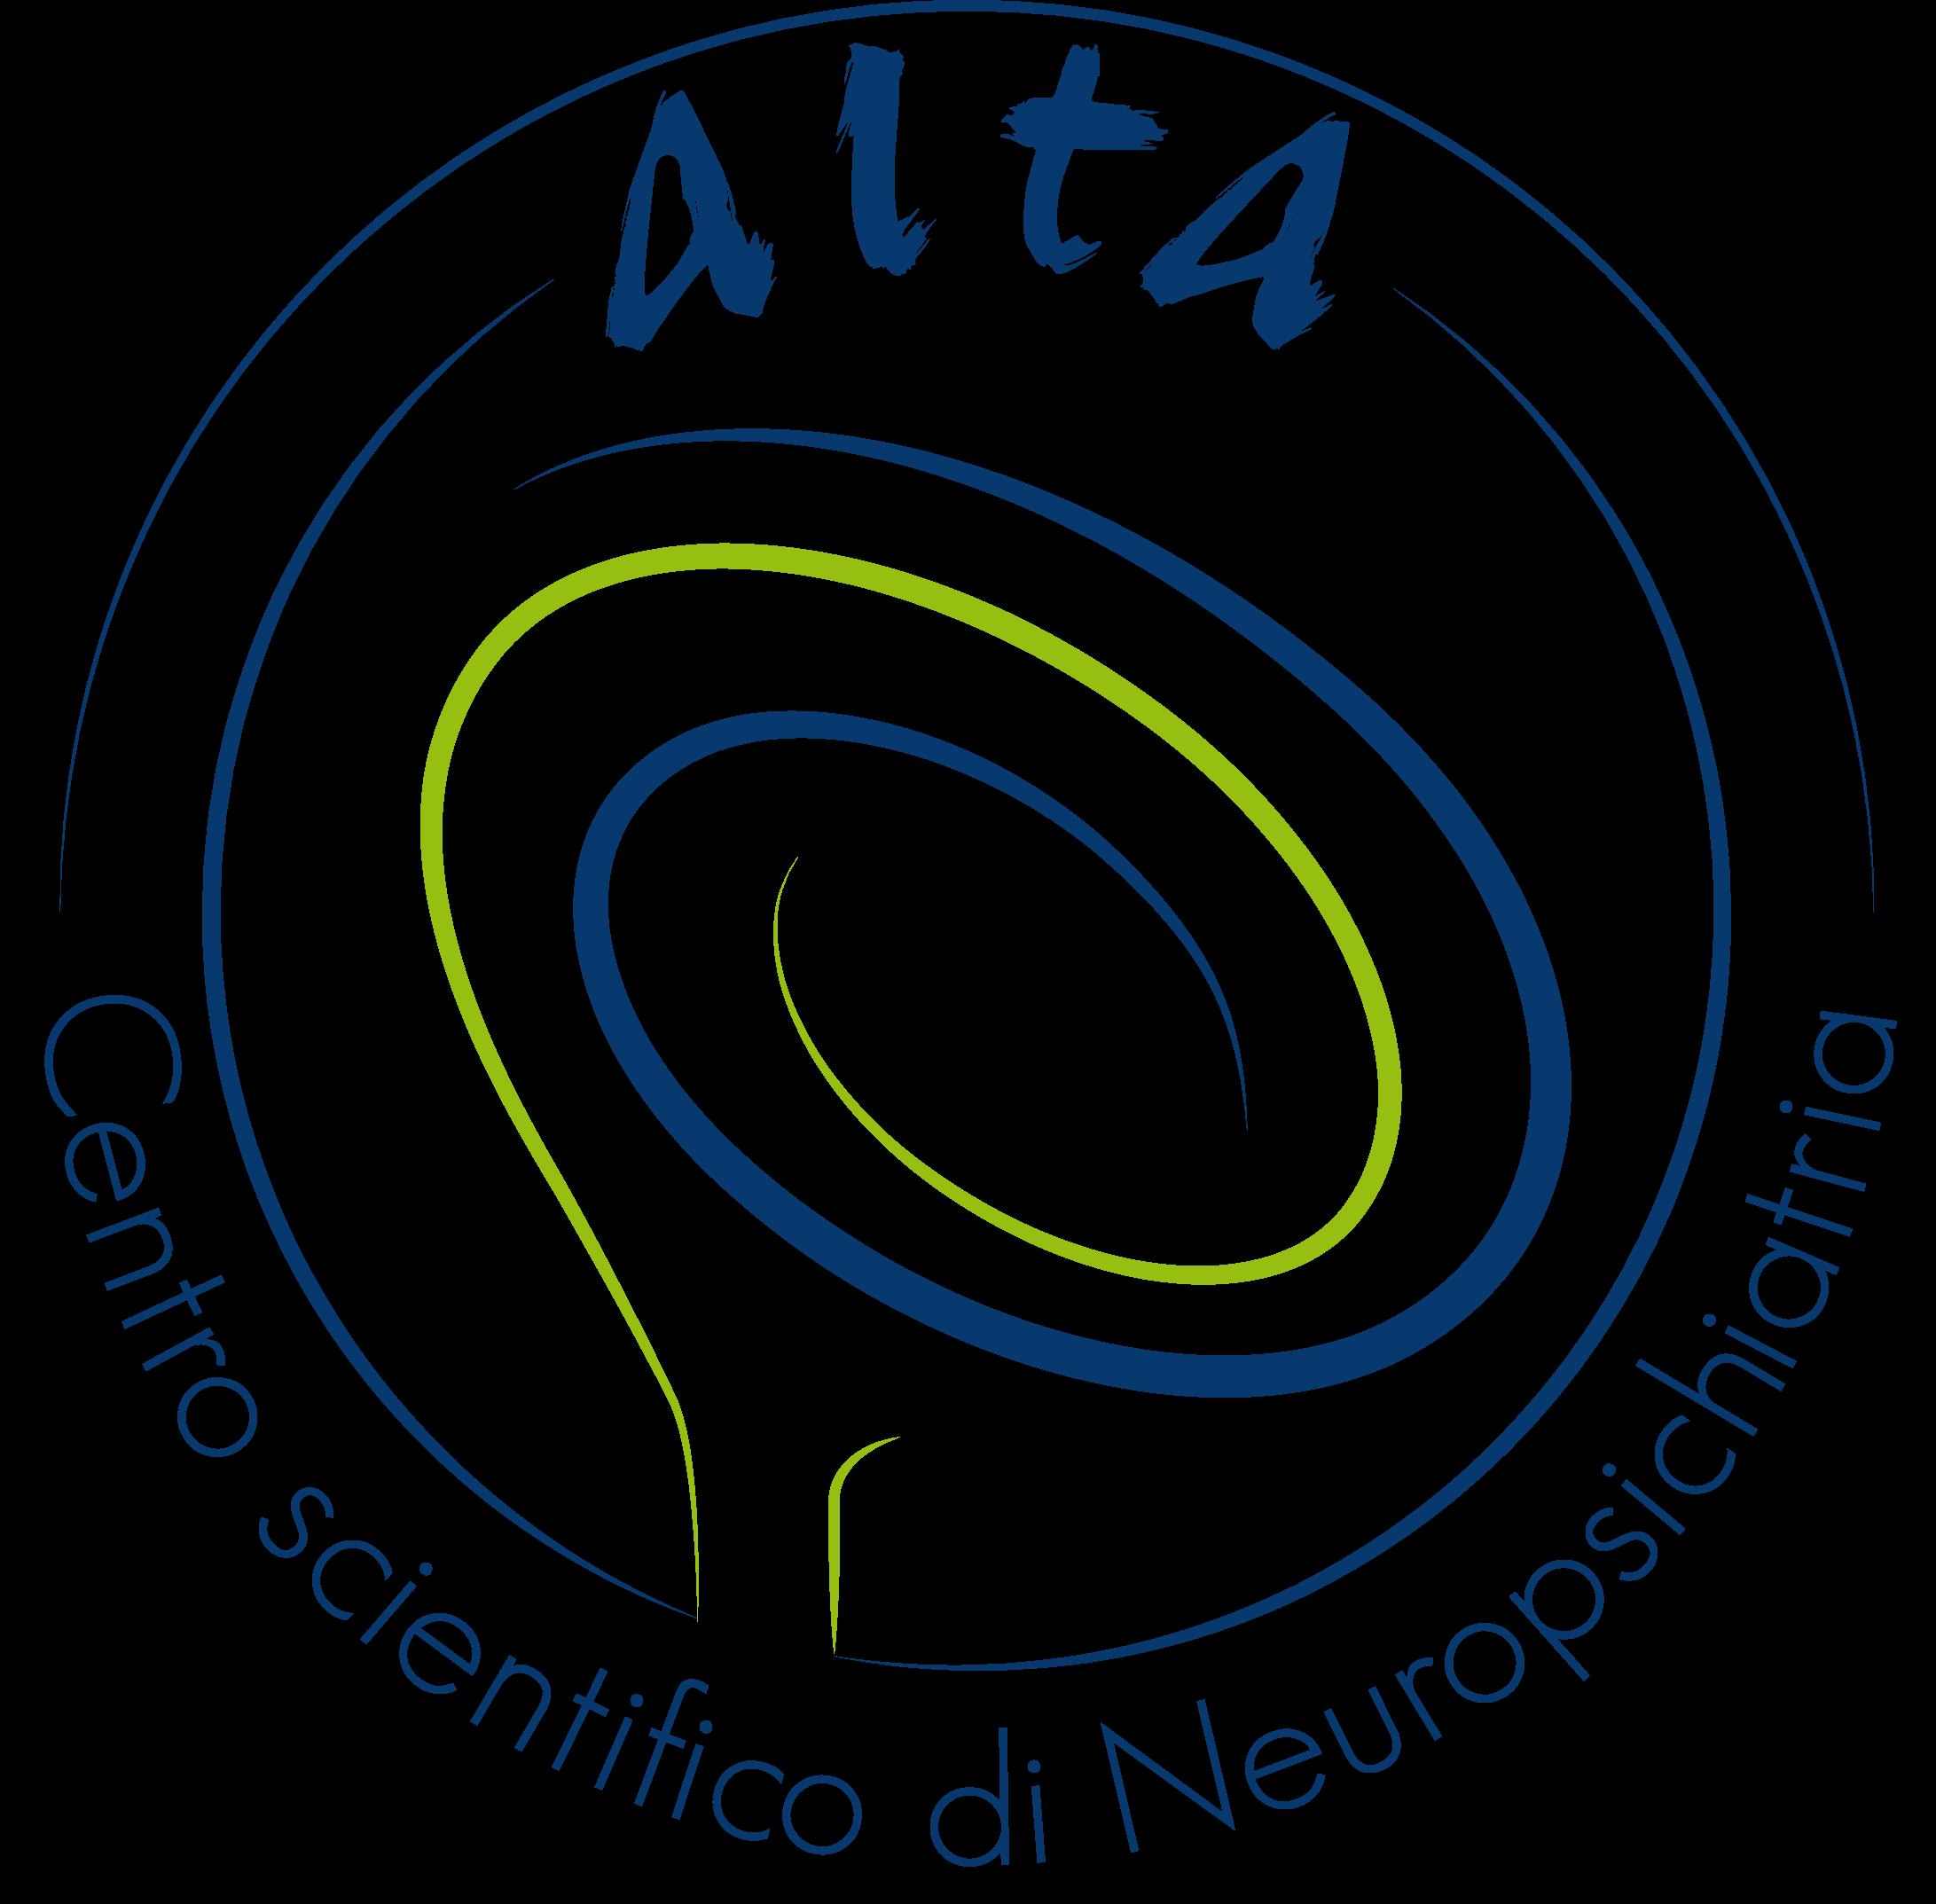 Nöropsikiyatrik Bilim Merkezi ile işbirliği içinde geliştirildi